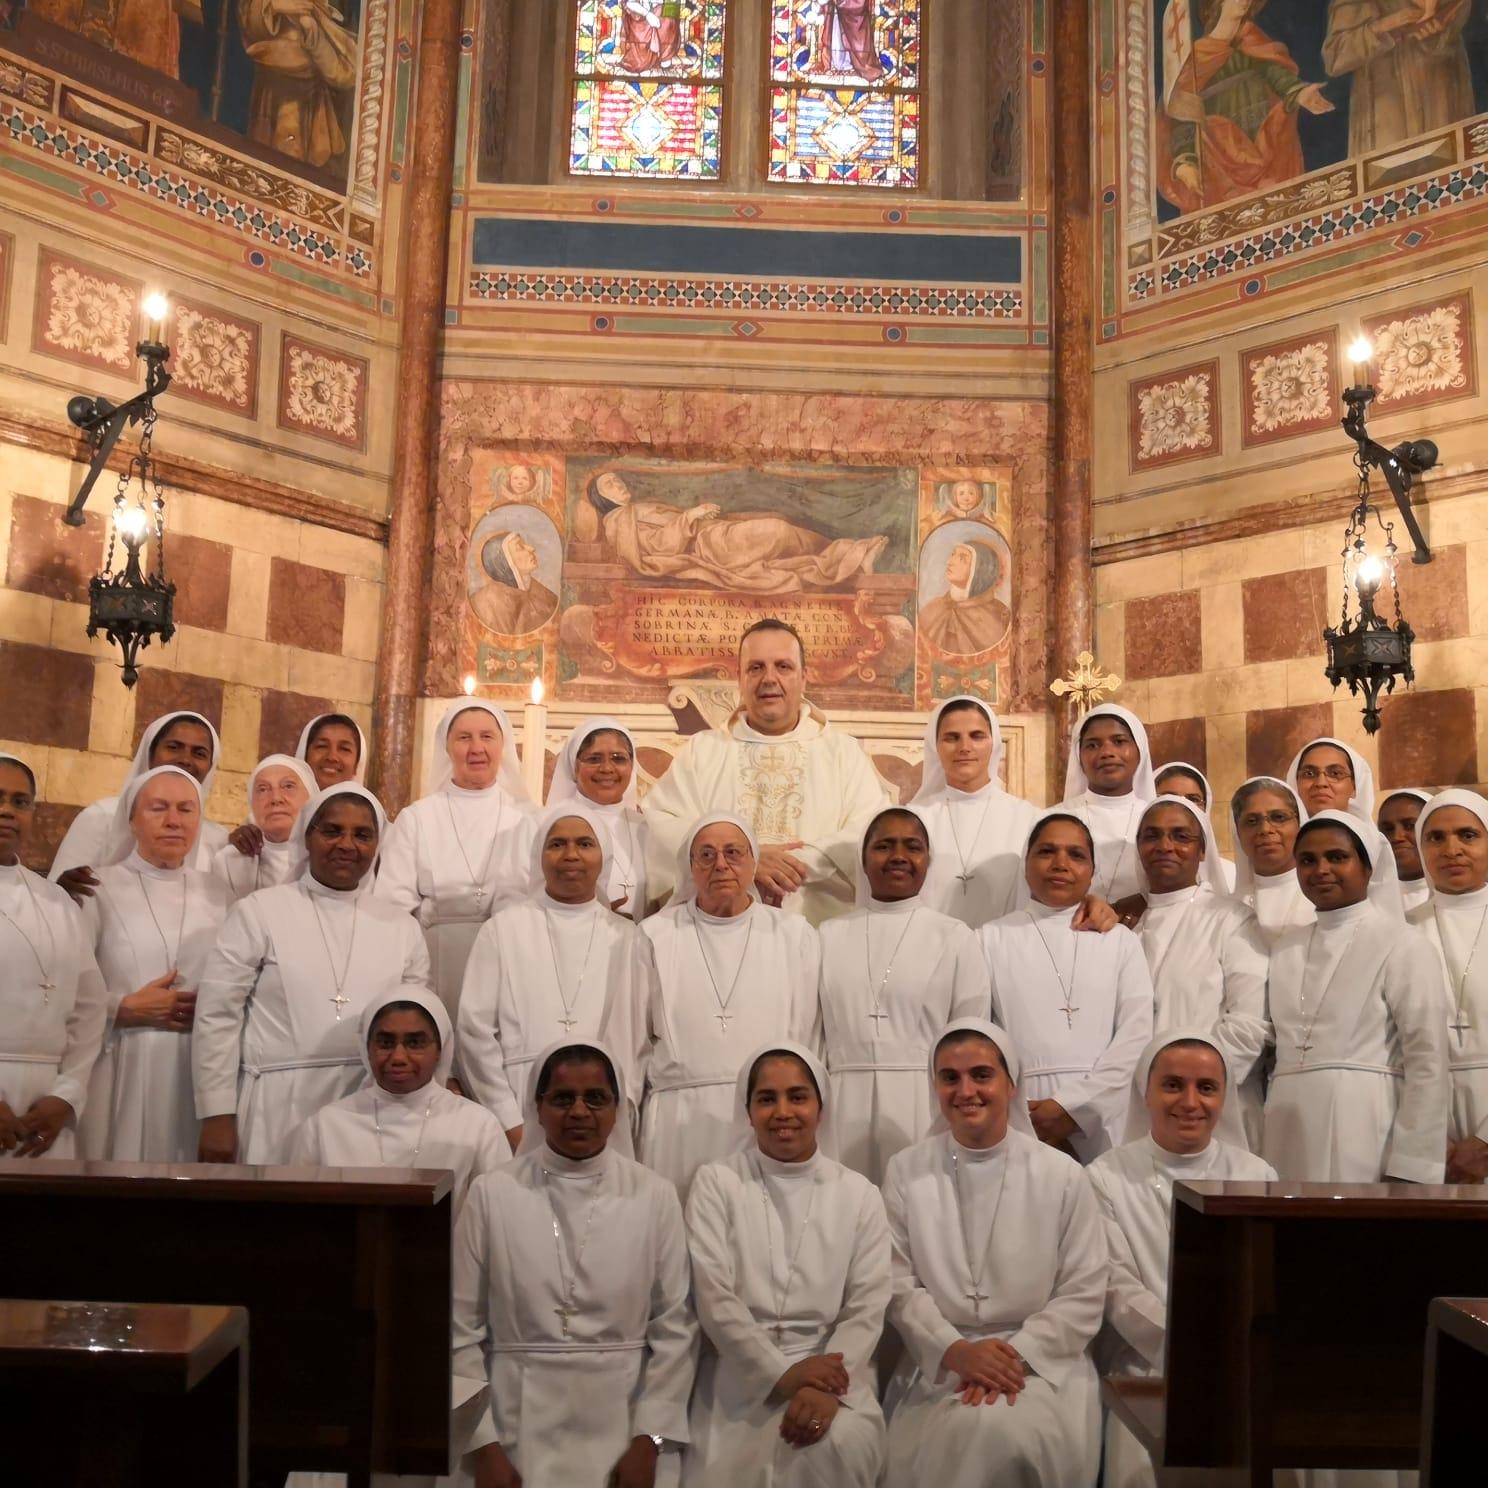 Gruppo Capitolare insieme a P. Sandro Guarguaglini OFM ad Assisi